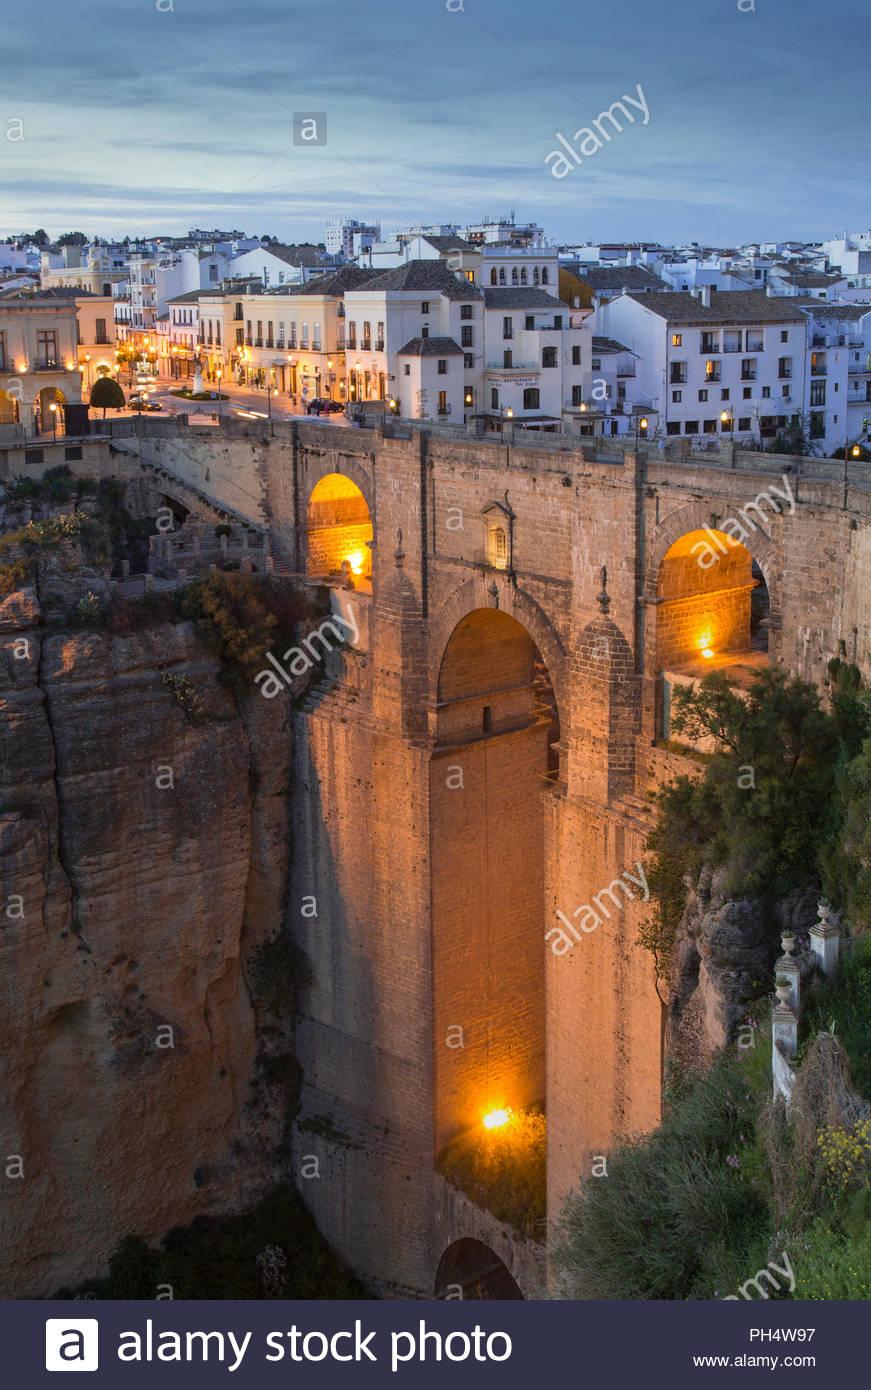 Puente Nuevo bridge at sunset in Ronda, Spain - Stock Image